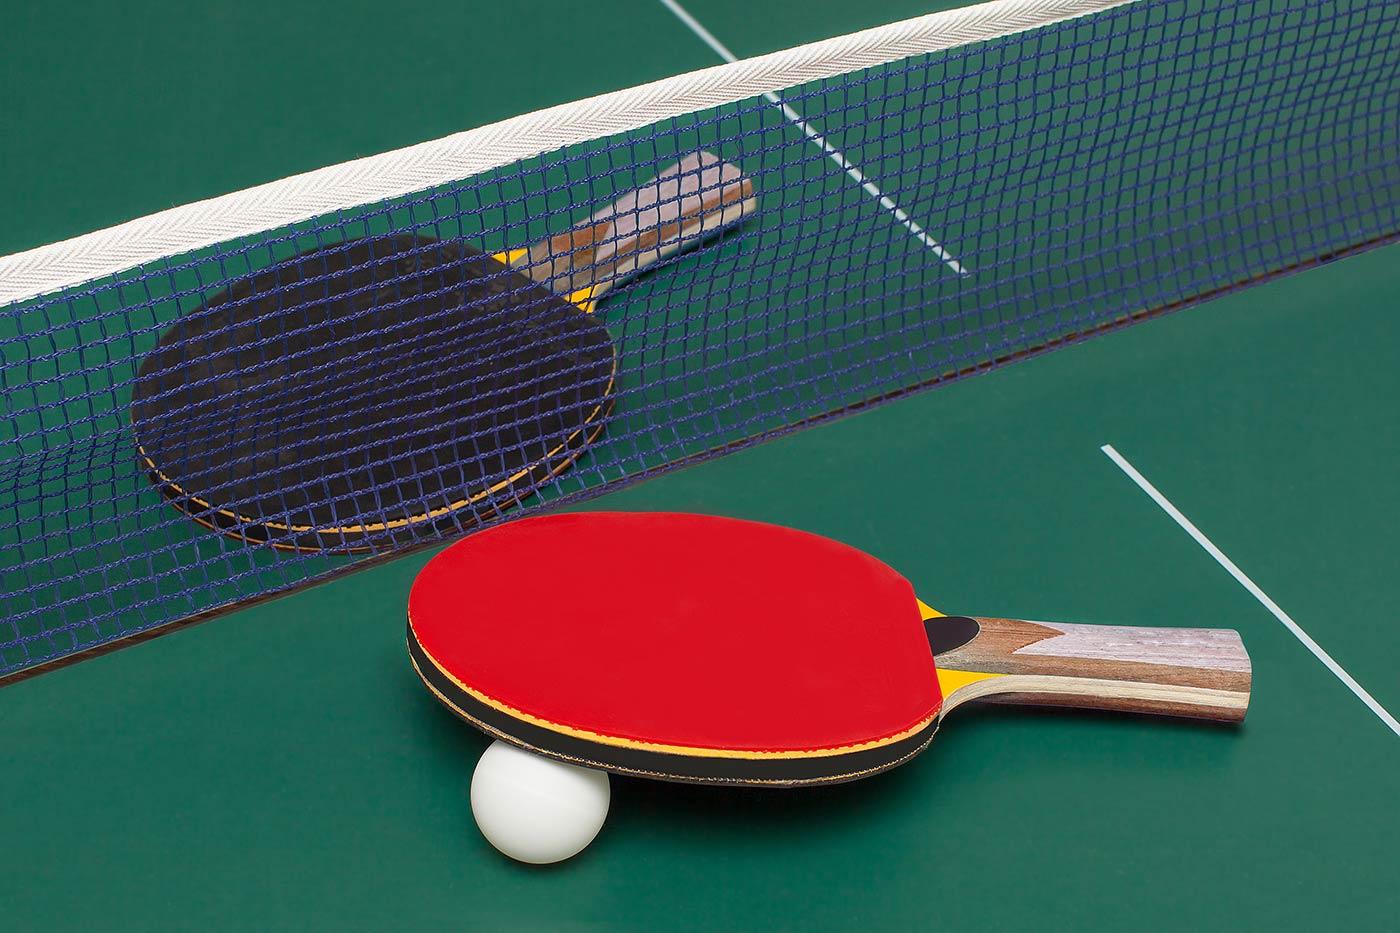 Table tennis photos images 9 conseils pour prendre des photos plus nettes - Astuces Photo